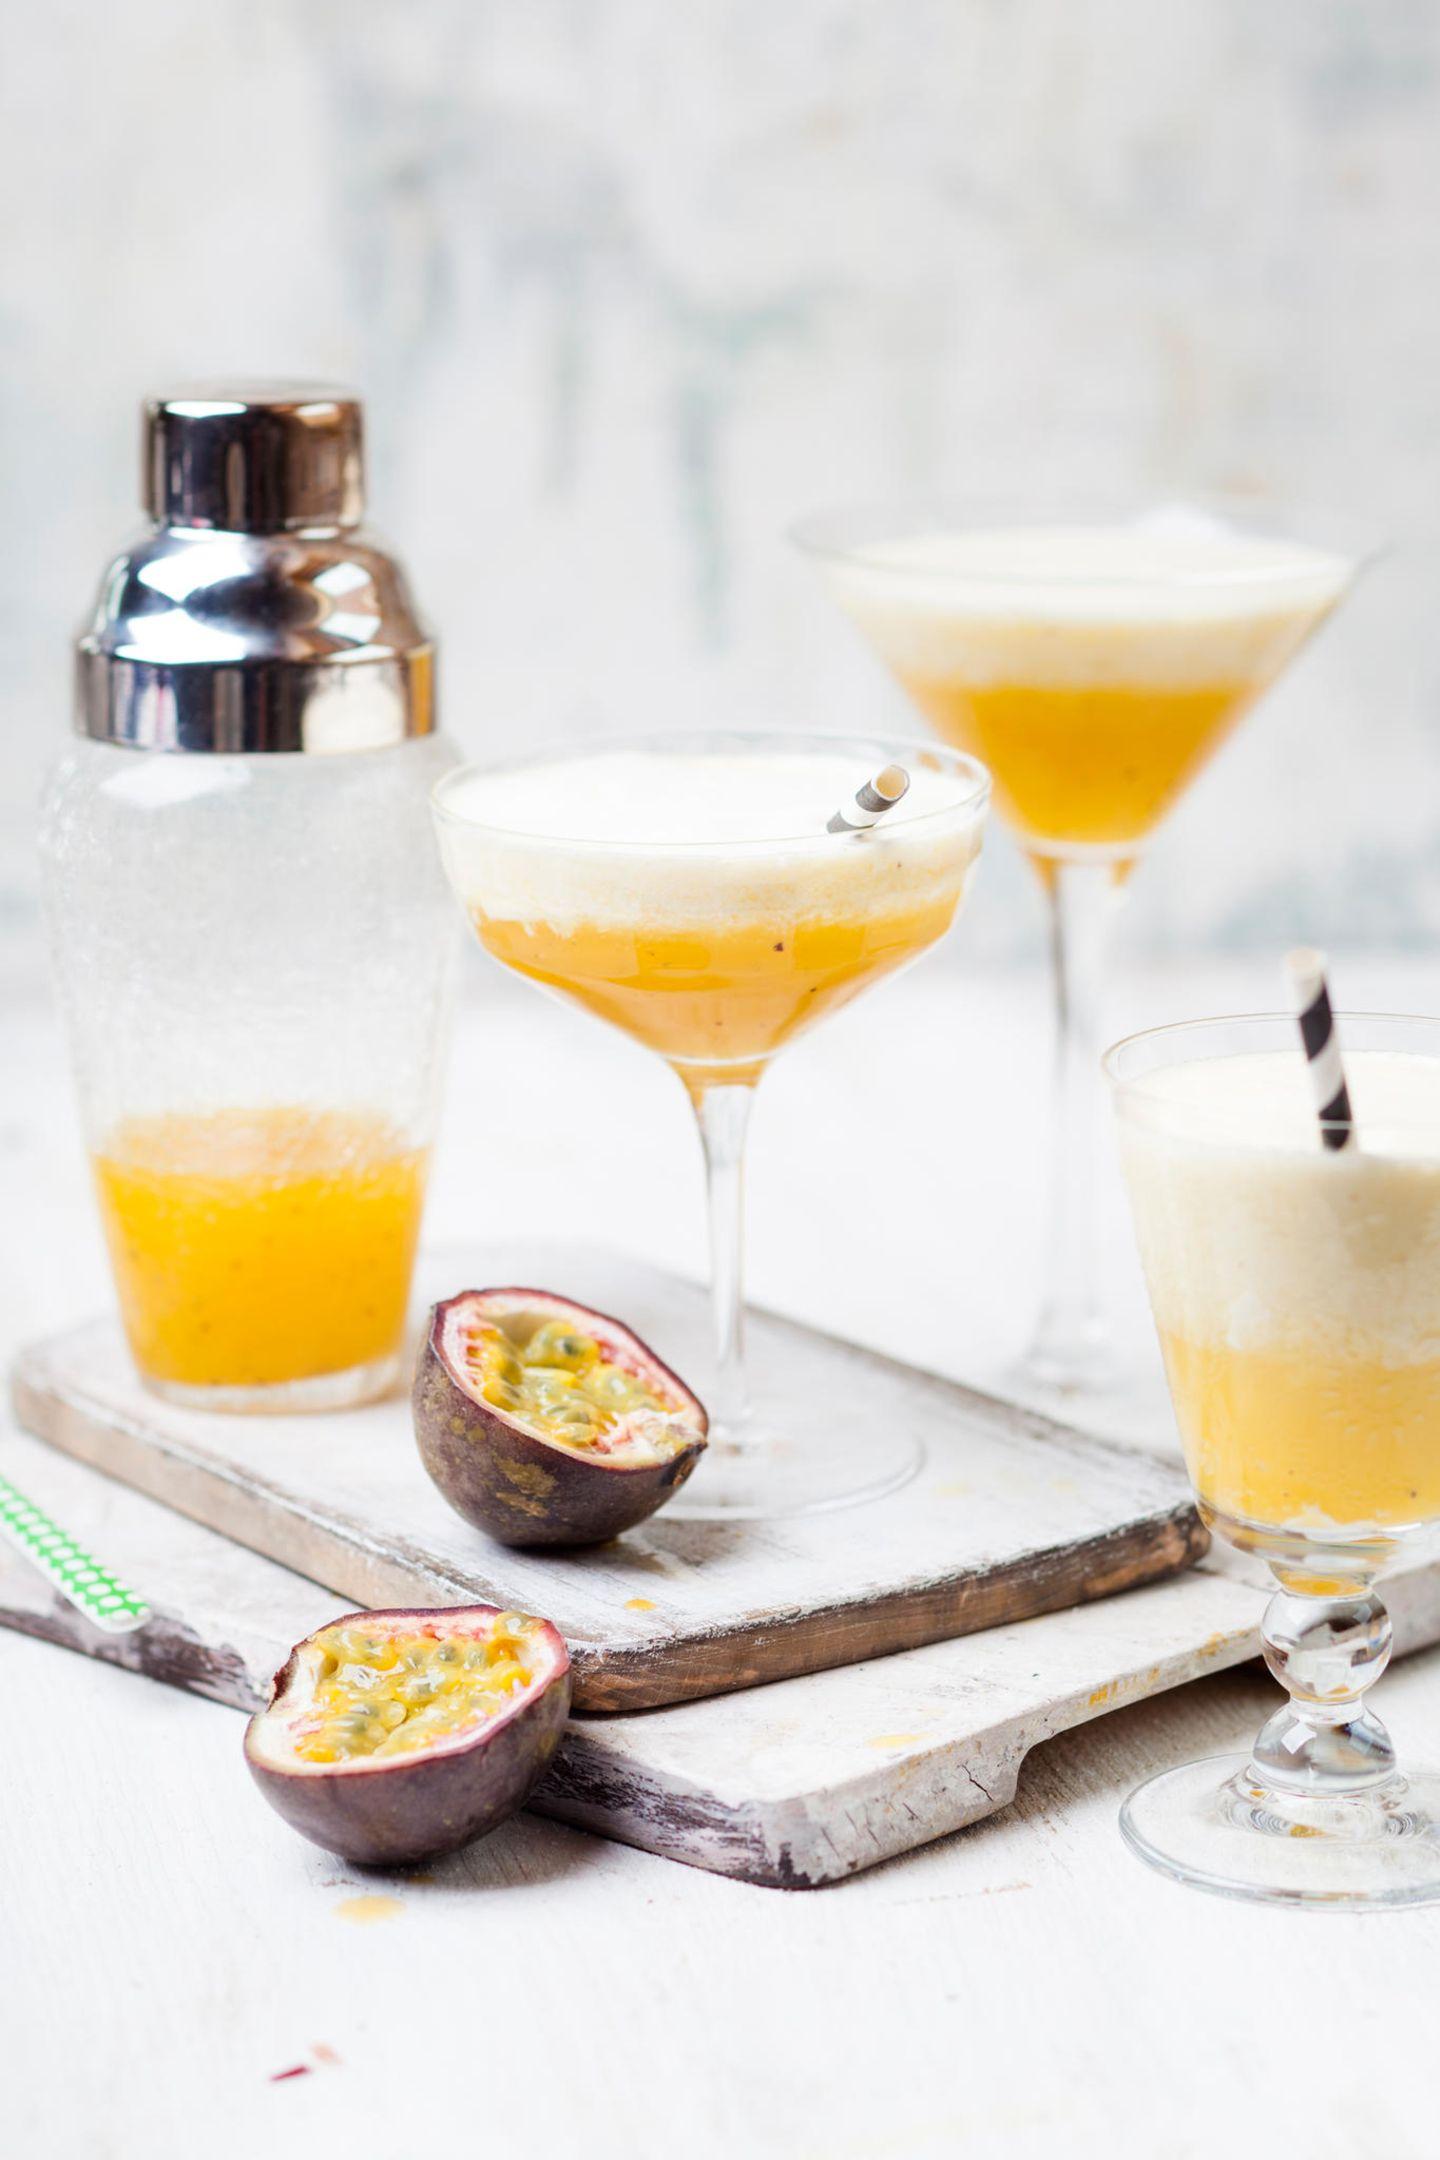 So einfach wie auch erfrischend kommt dieser Cocktail daher:  75ml Maracuja-Nektar  50ml Ananassaft  50ml Organgensaft  1 EL Zitronensaft  Mineralwasser  Maracuja-Nektar mit Ananas-, Orangen- und Zitronensaft mixen und in ein Glas geben. Optional: Glas vorher zur Hälfte mit Eiswürfeln füllen. Danach mit Mineralwasser aufgießen und nach Belieben verzieren.